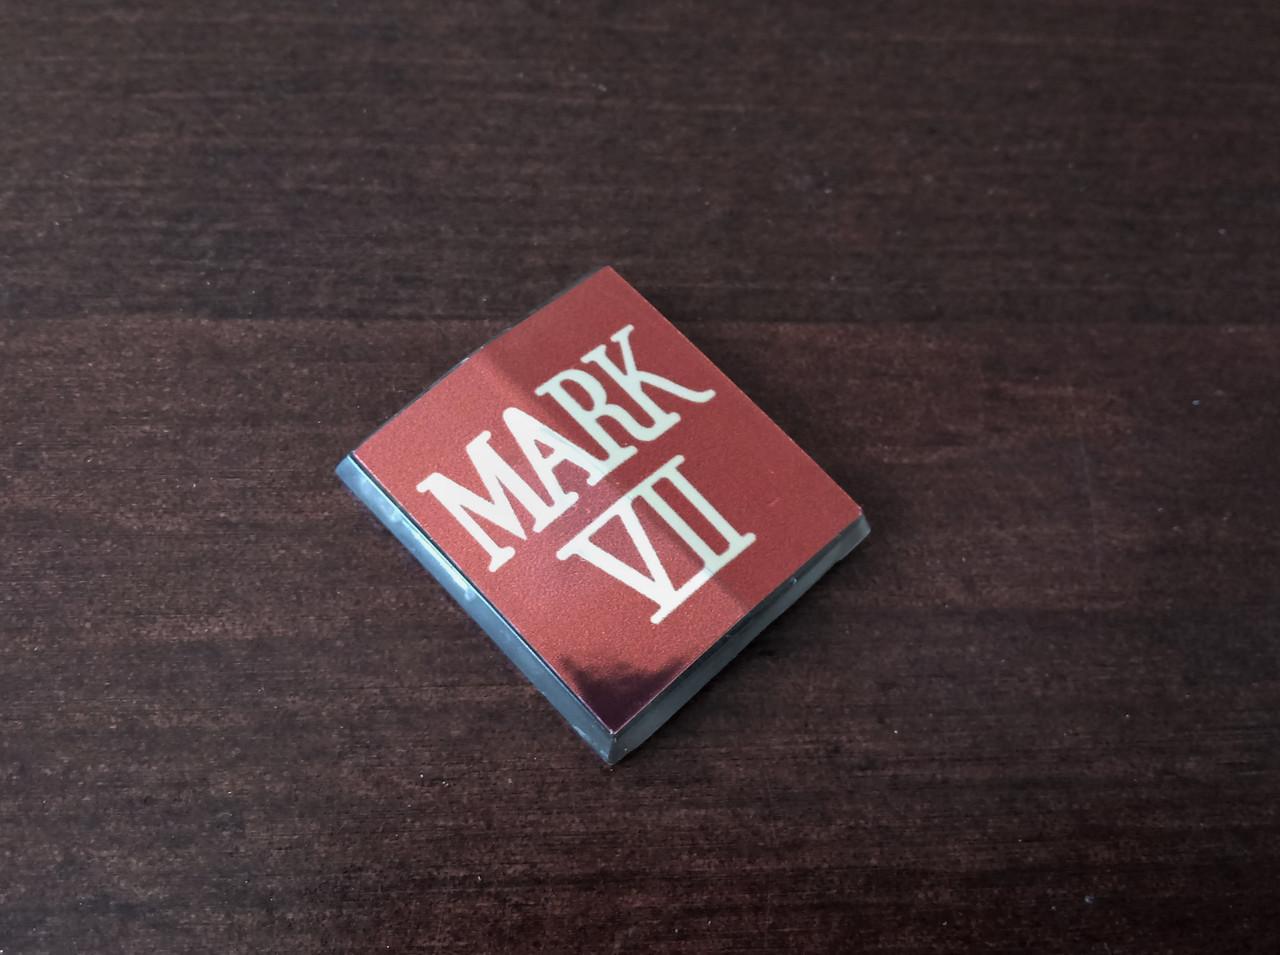 1992 Lincoln MK VII Grille Emblem-badge  1991 Lincoln MK VII Grille Emblem-badge  1990 Lincoln MK VII Grille Emblem-badge  1989 Lincoln MK VII Grille Emblem-badge  1988 Lincoln MK VII Grille Emblem-badge  1987 Lincoln MK VII Grille Emblem-badge  1986 Lincoln MK VII Grille Emblem-badge  1985 Lincoln MK VII Grille Emblem-badge 1984 Lincoln MK VII Grille Emblem-badge